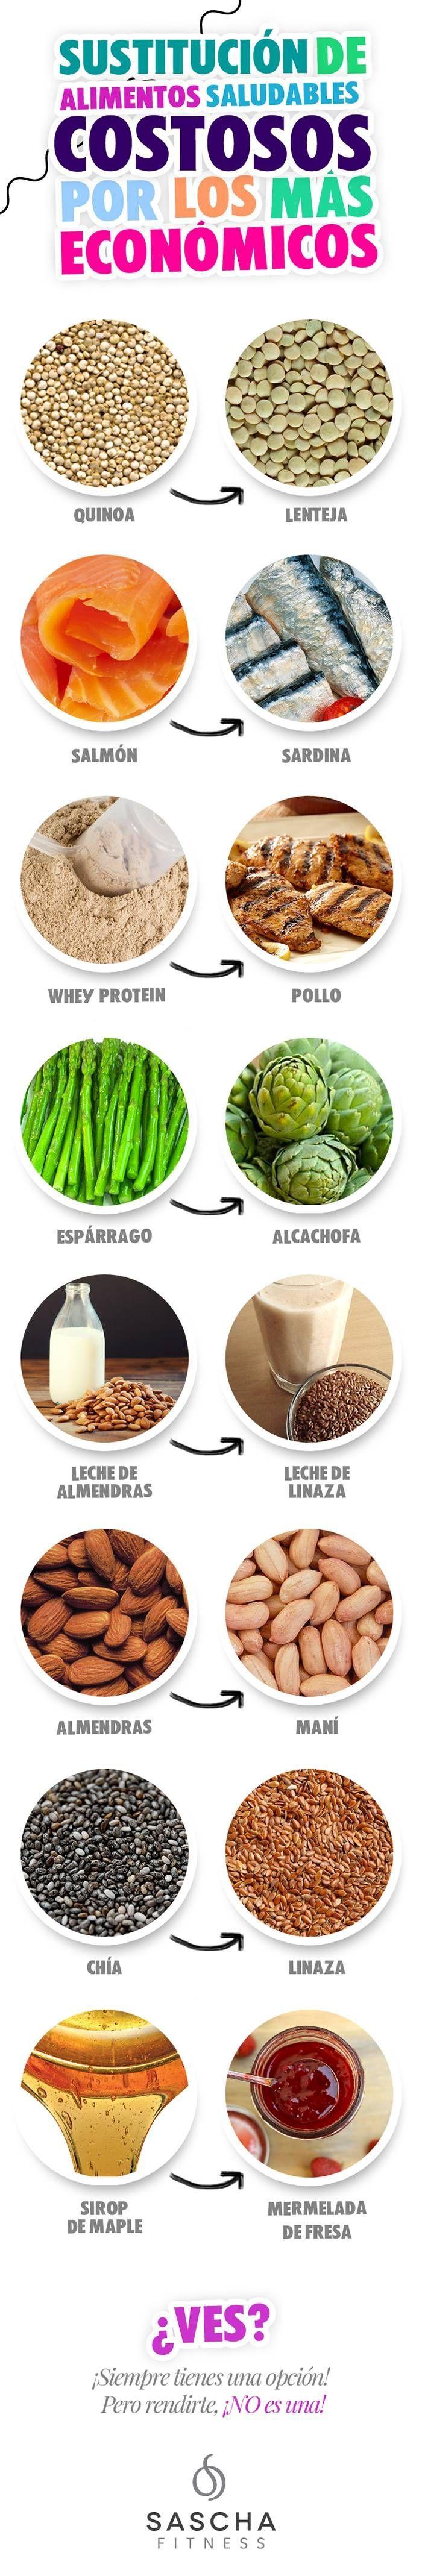 ^^ Interesantes sustitutivos para abaratar los costos de una alimentación saludable. #nutricion #infografias #salud | https://lomejordelaweb.es/